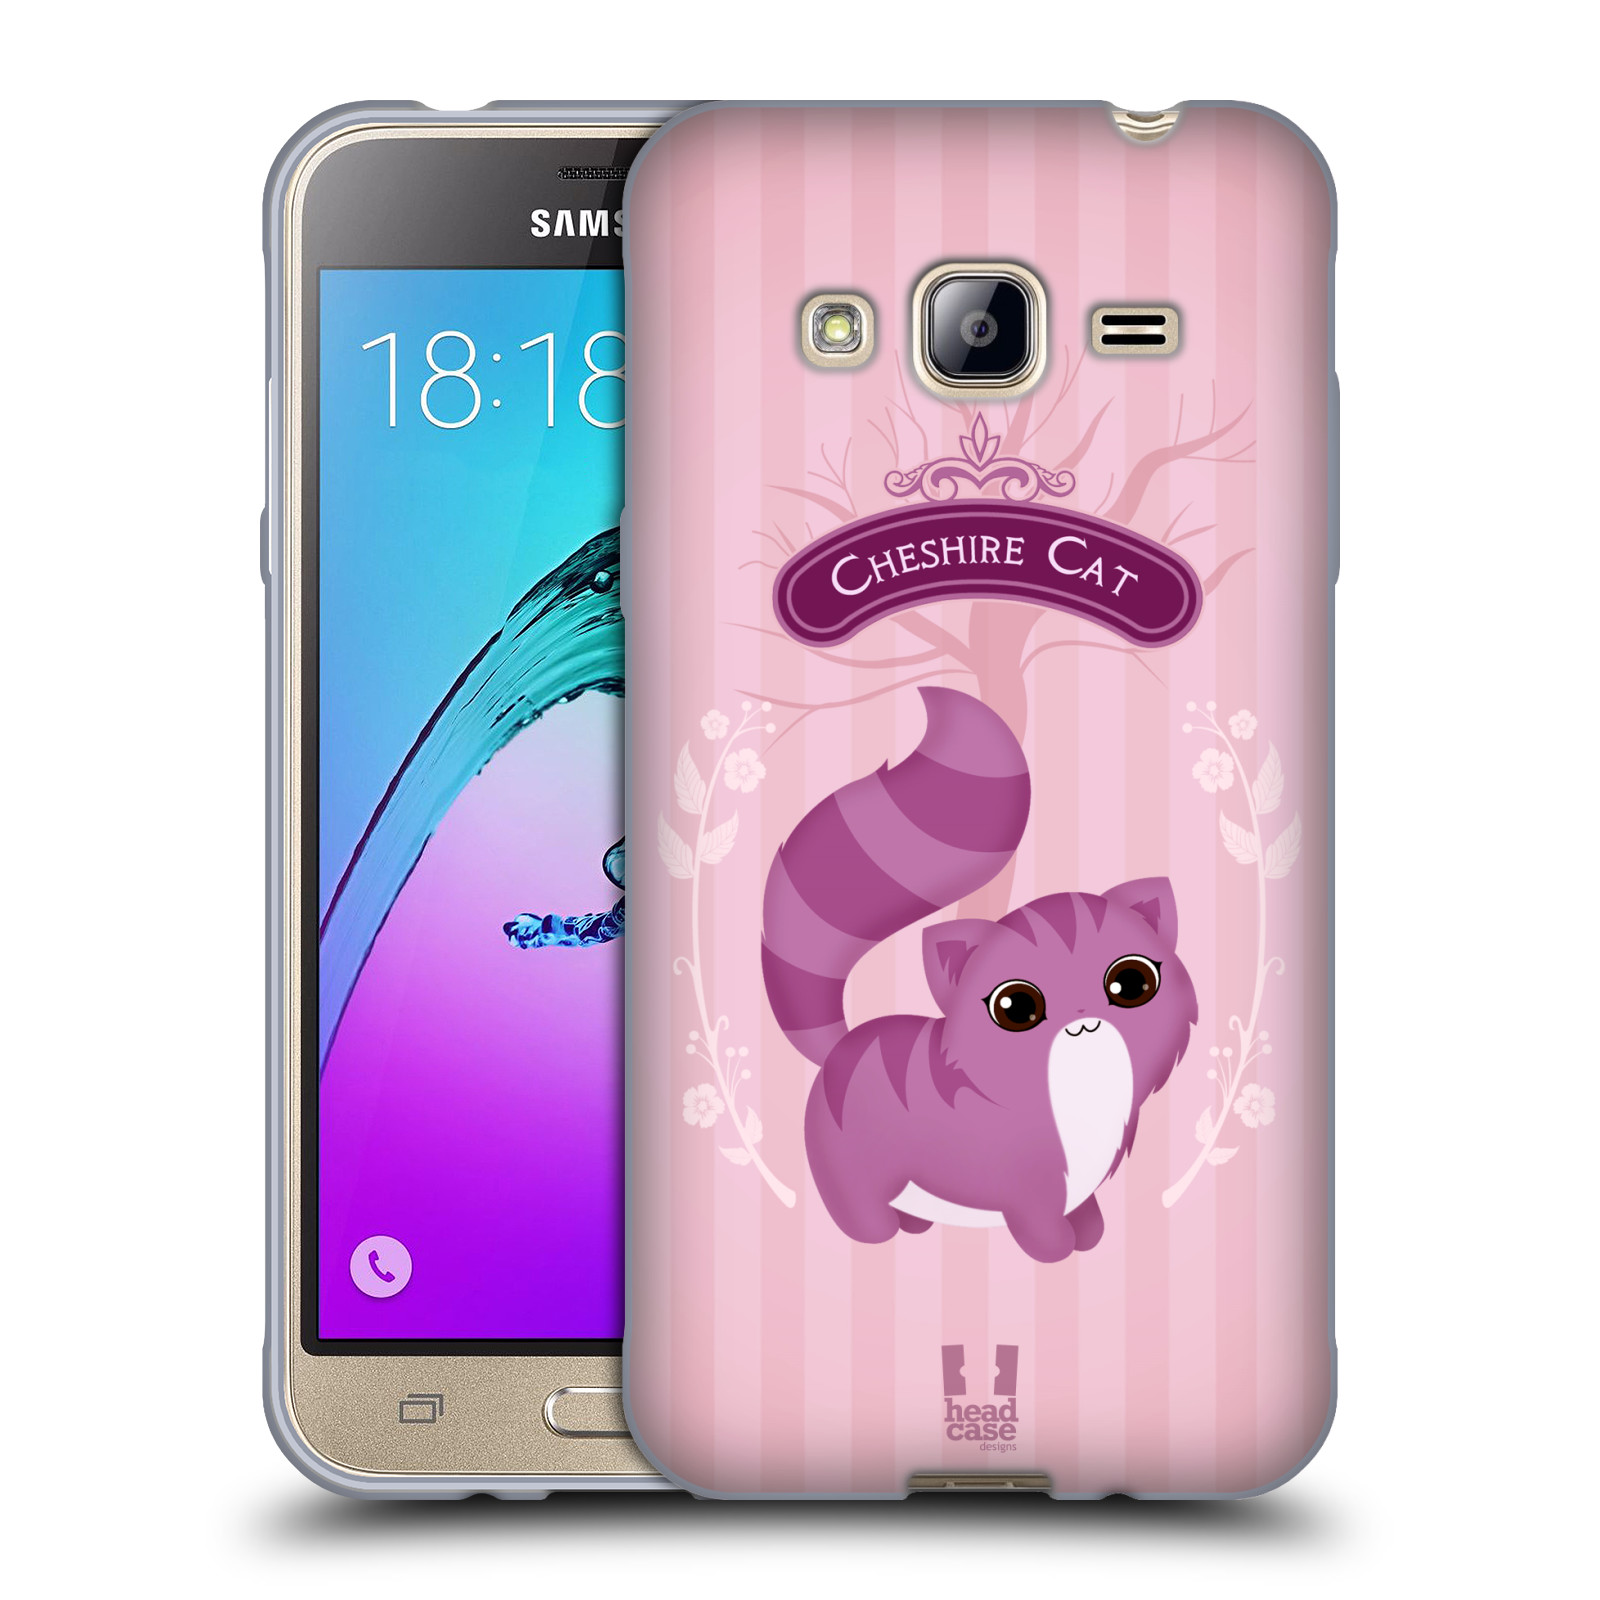 HEAD CASE silikonový obal na mobil Samsung Galaxy J3, J3 2016 vzor Alenka v říši divů kočička